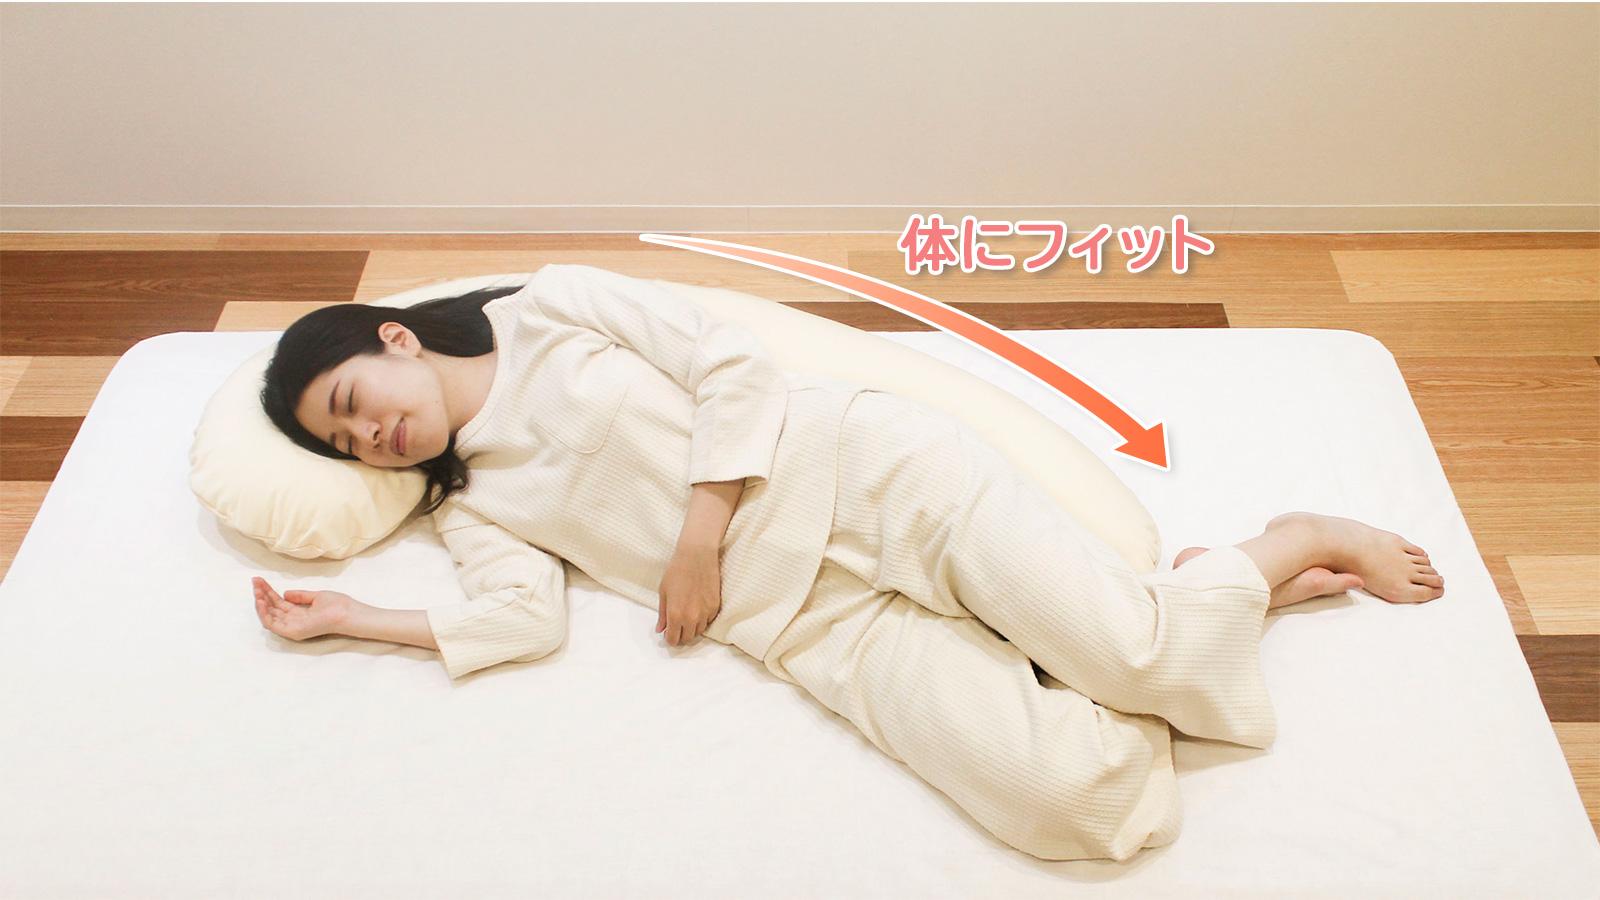 背中に抱き枕を使用すると、腰がラク!